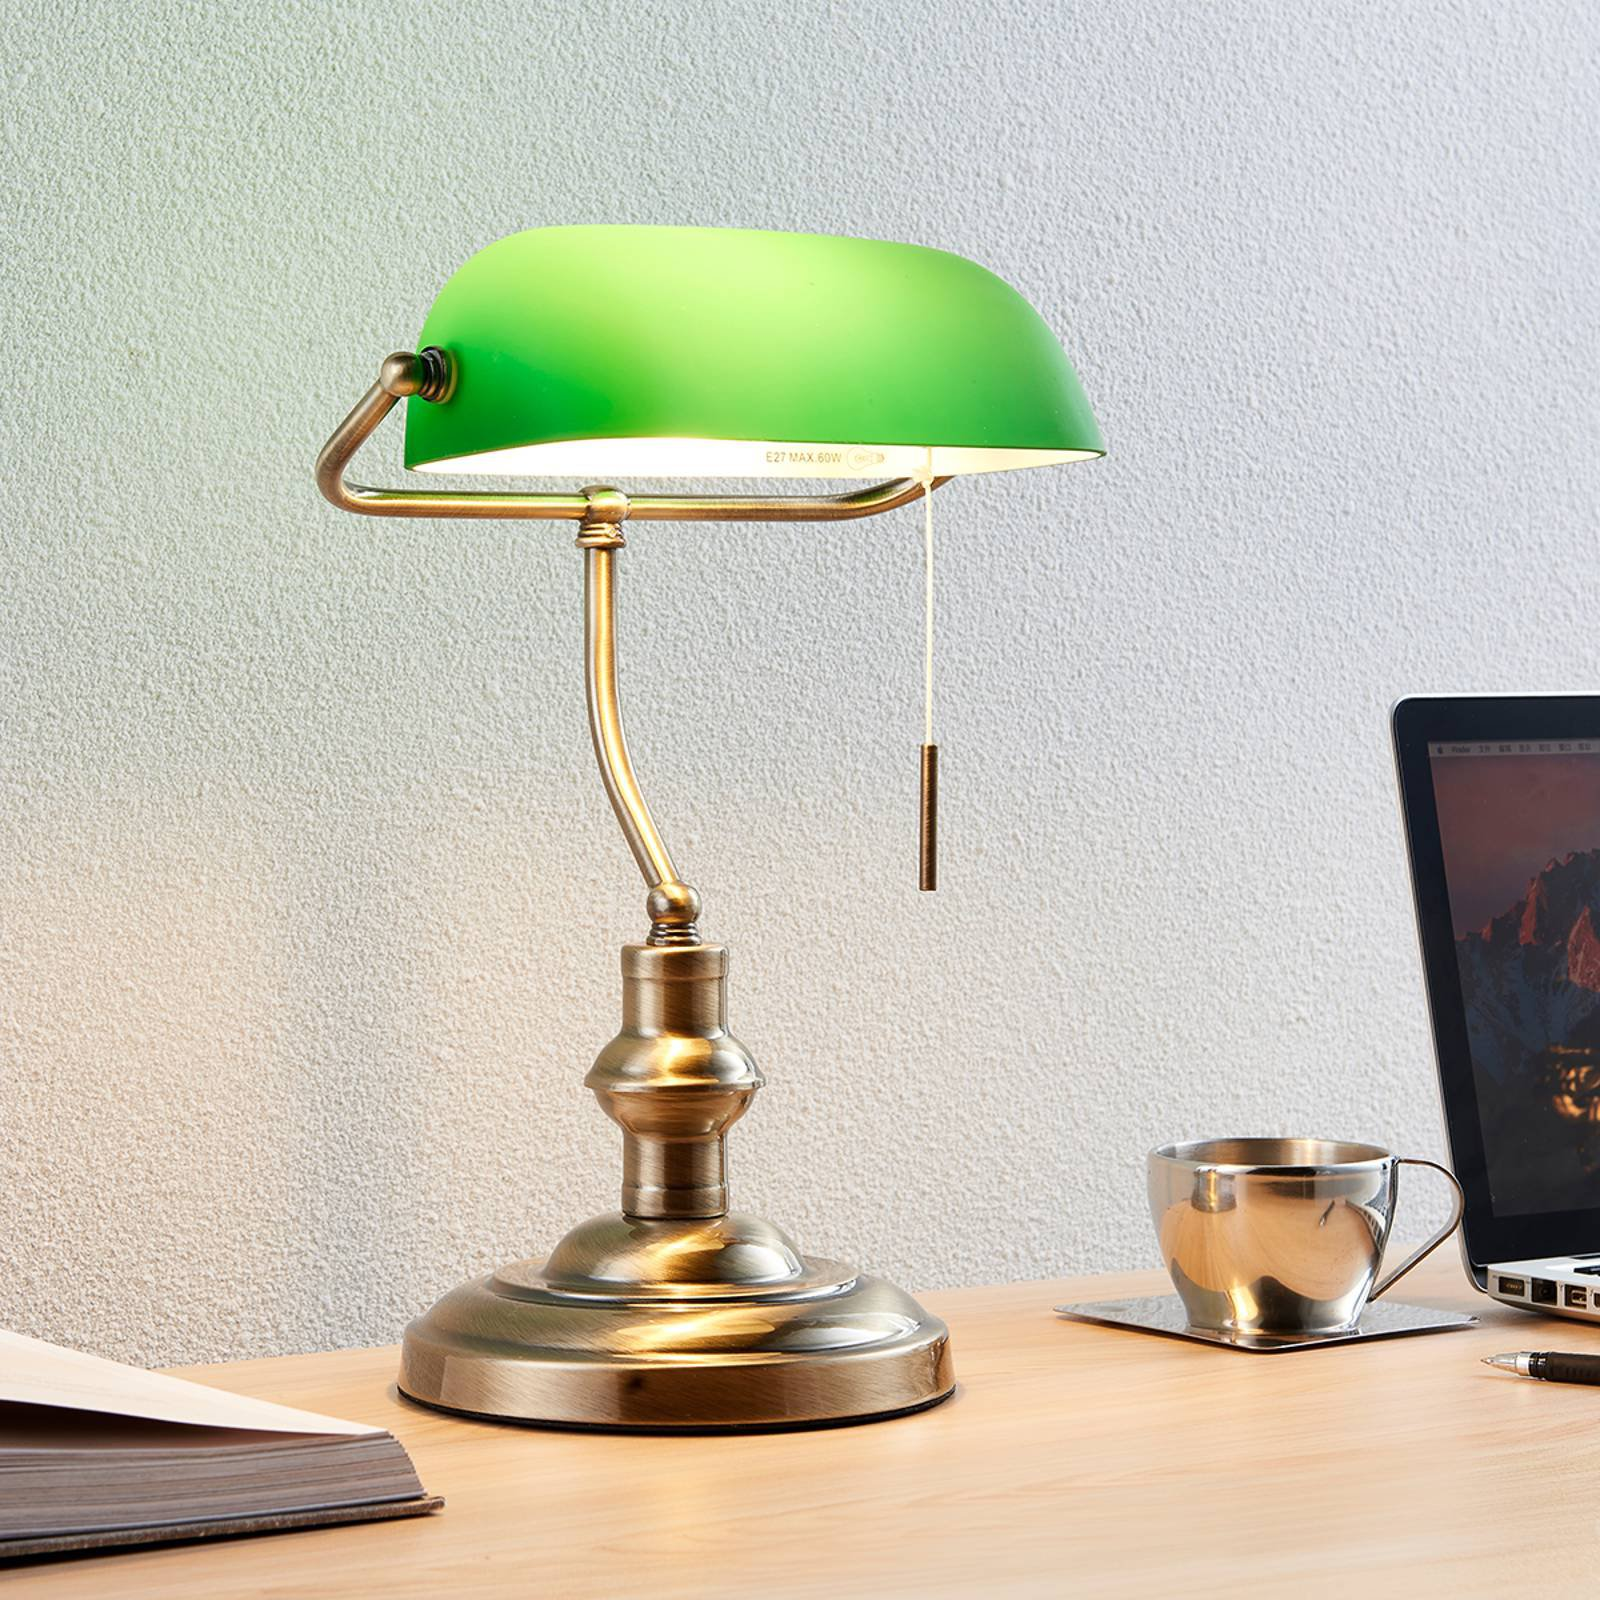 Milenka - skrivebordslampe med grønn skjerm